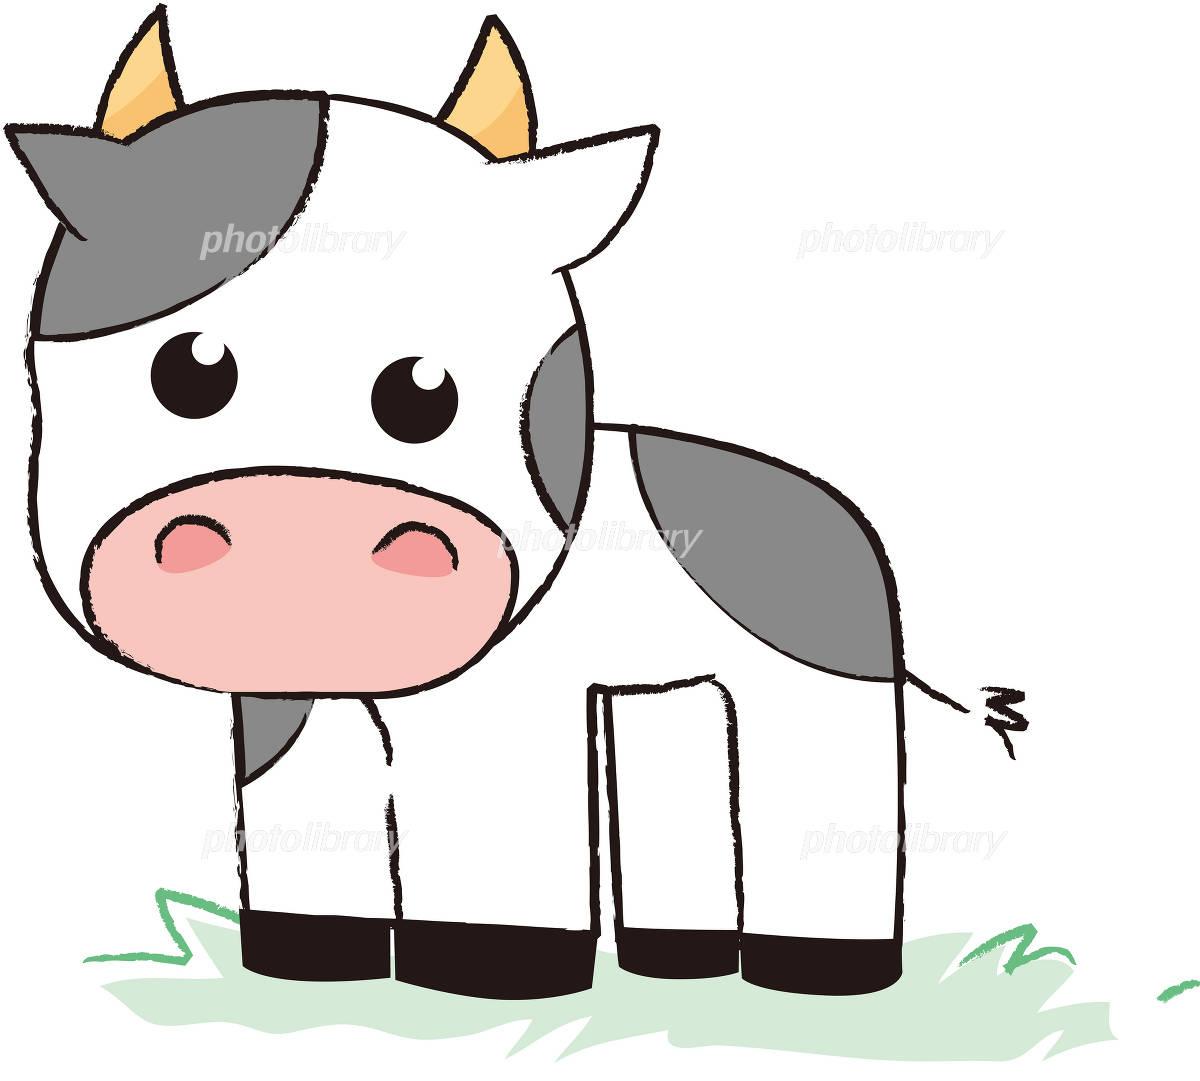 牛のイラスト イラスト素材 348252 フォトライブラリー Photolibrary